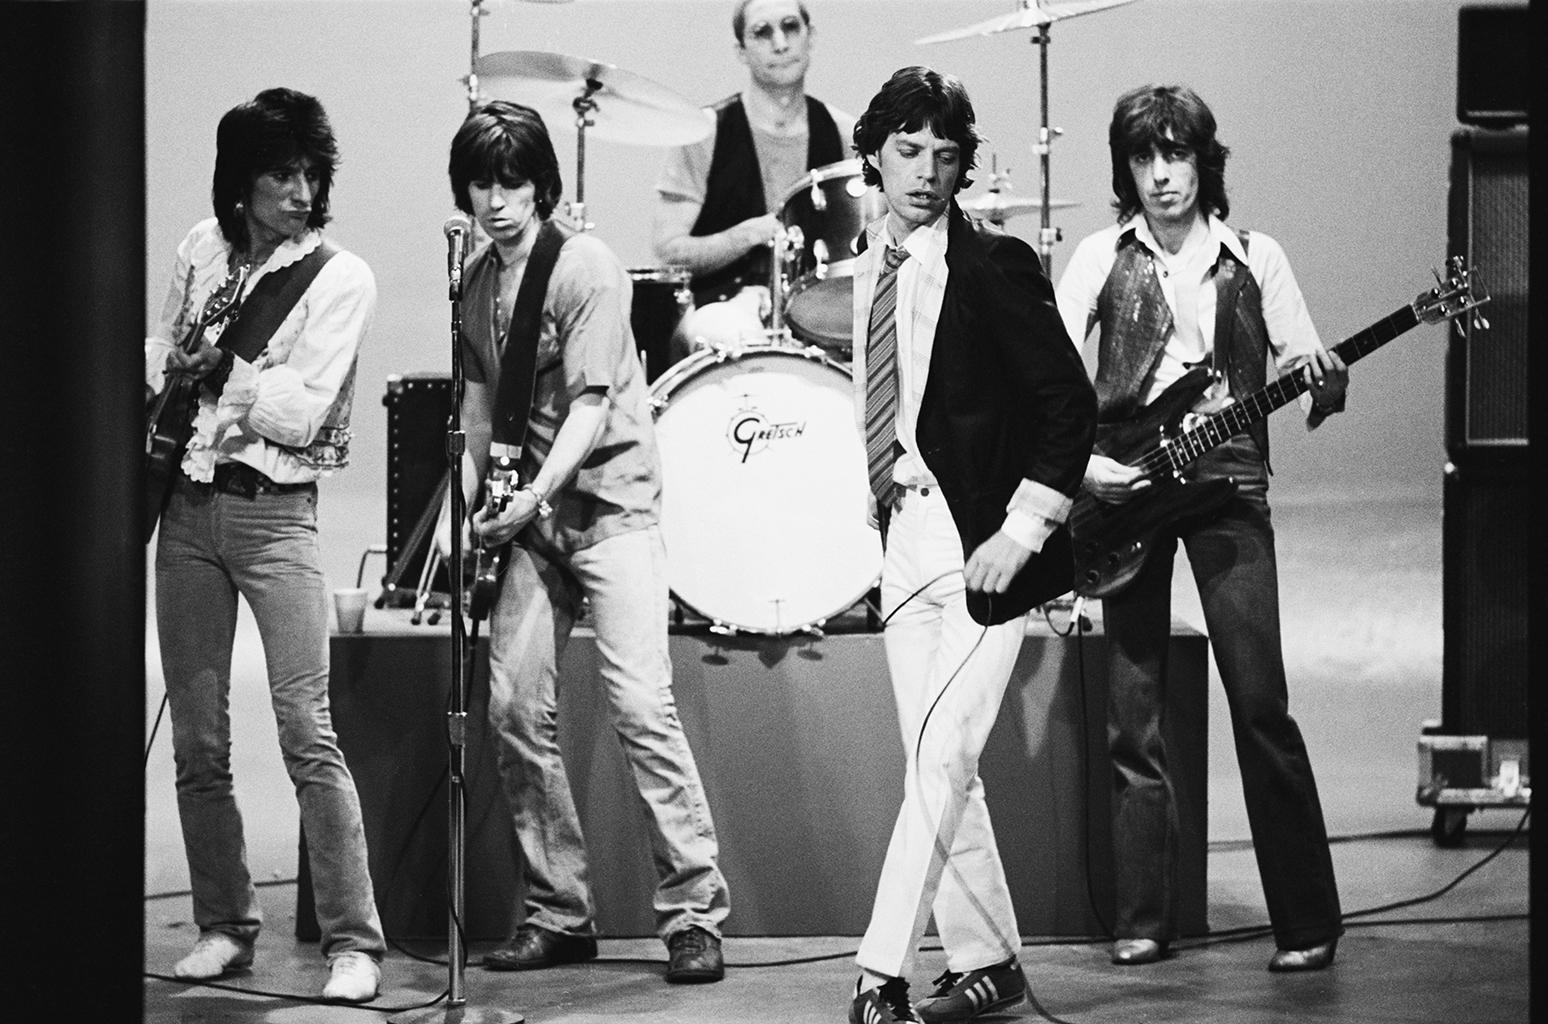 фото известных рок групп в молодости уже